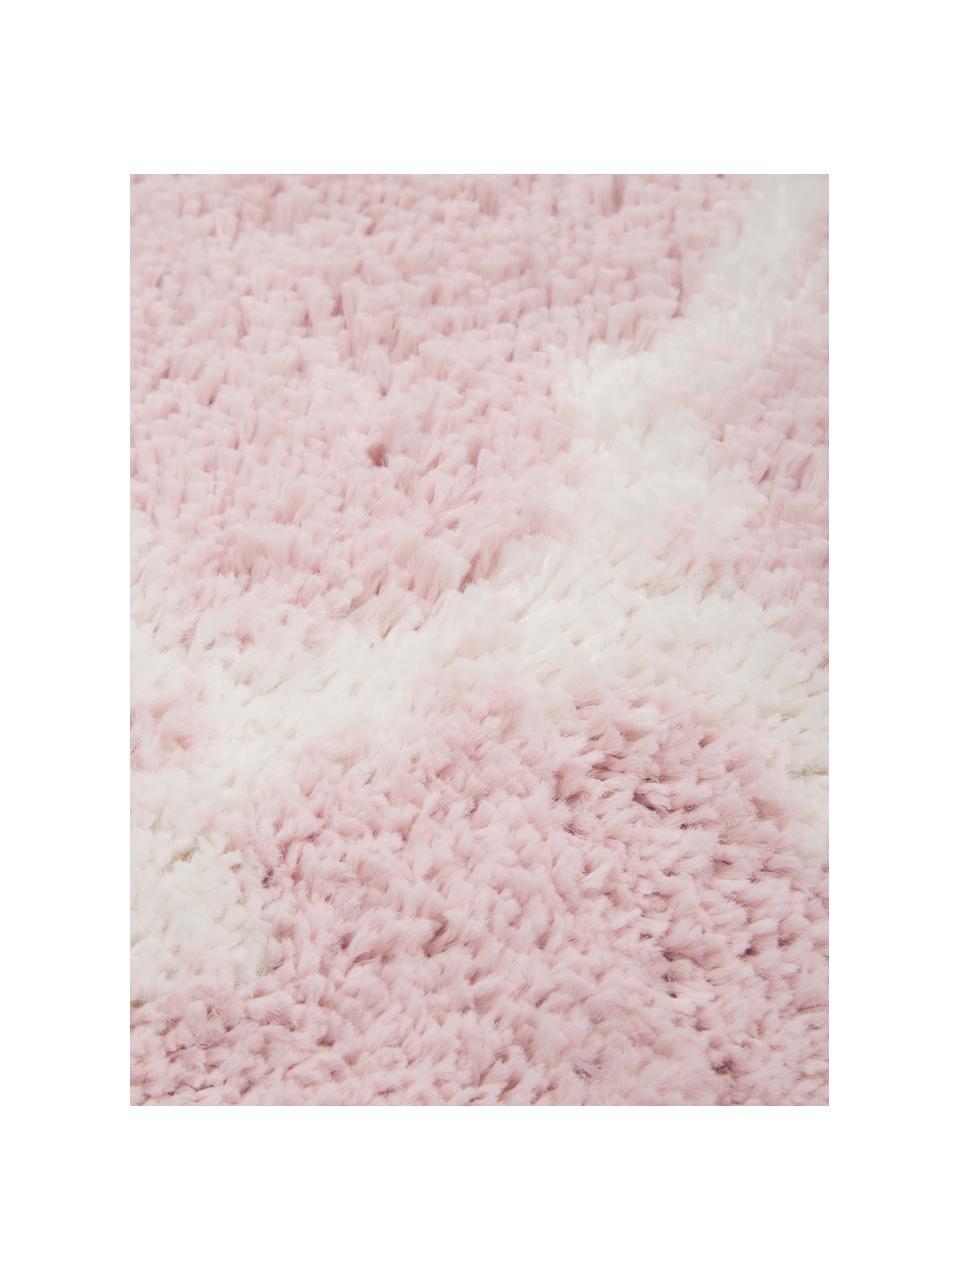 Runder Hochflor-Teppich Mona in Altrosa/Creme, Flor: 100% Polypropylen, Altrosa, Cremeweiß, Ø 150 cm (Größe M)